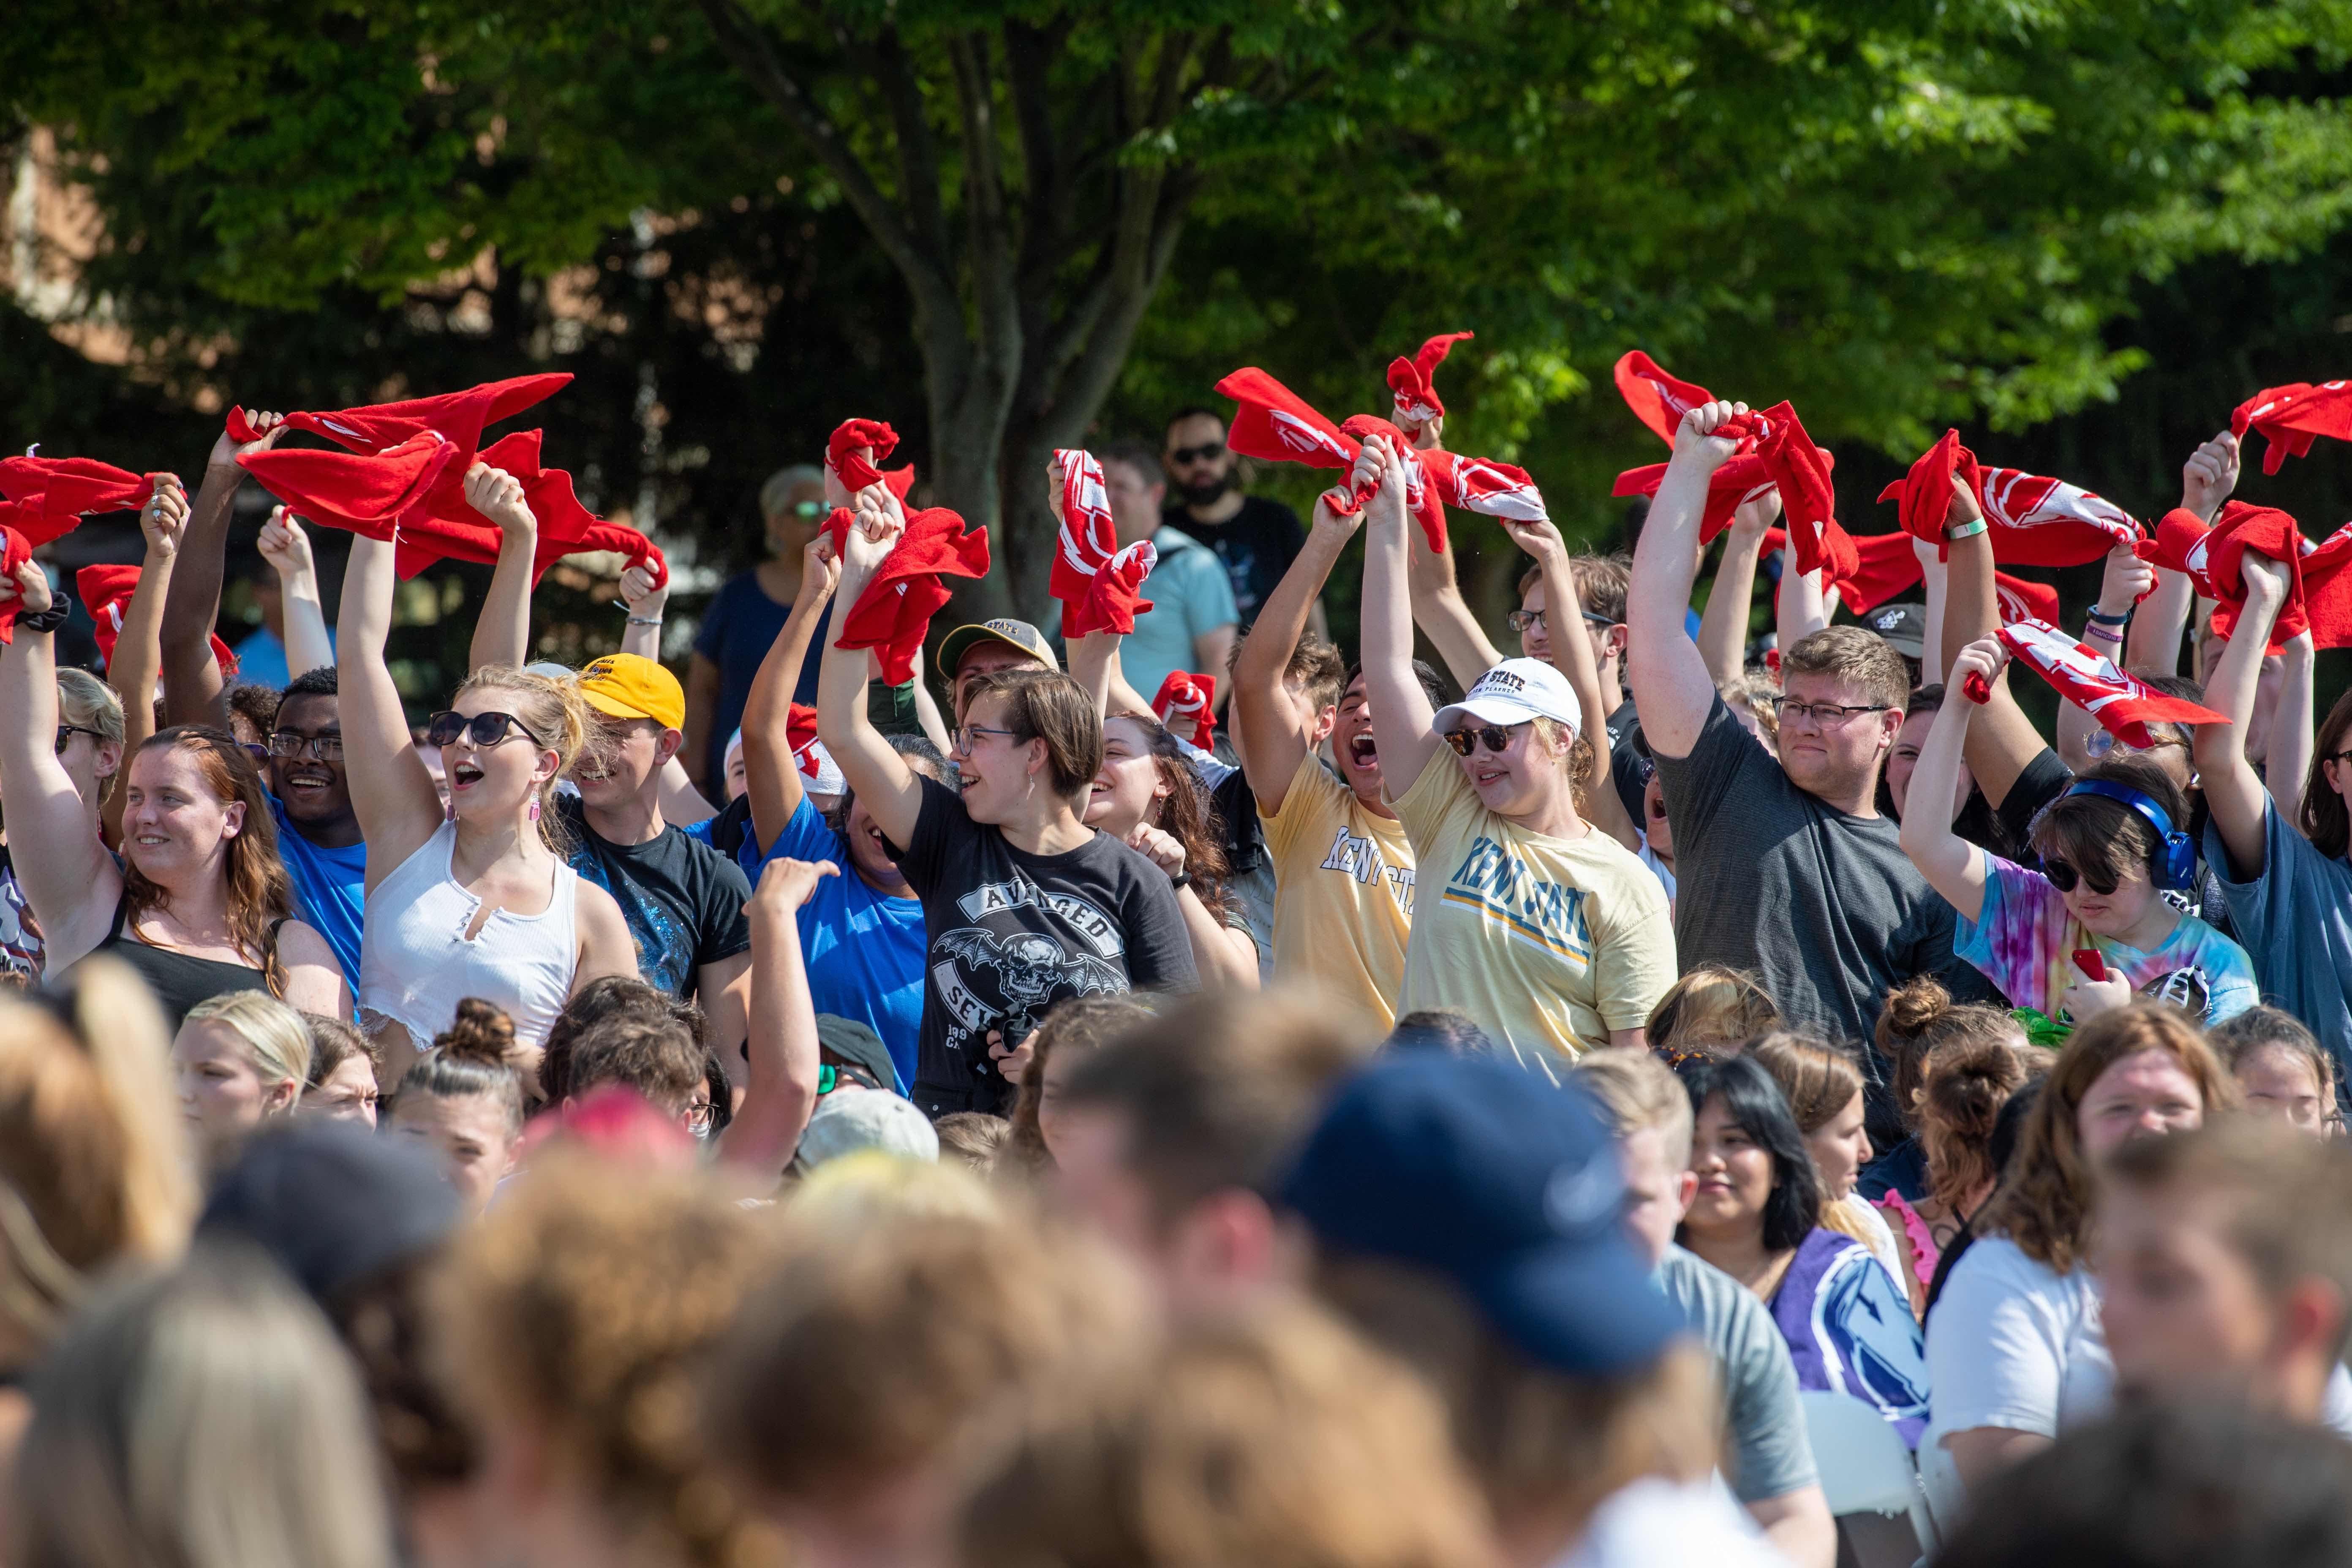 Students waving shirts at Convocation